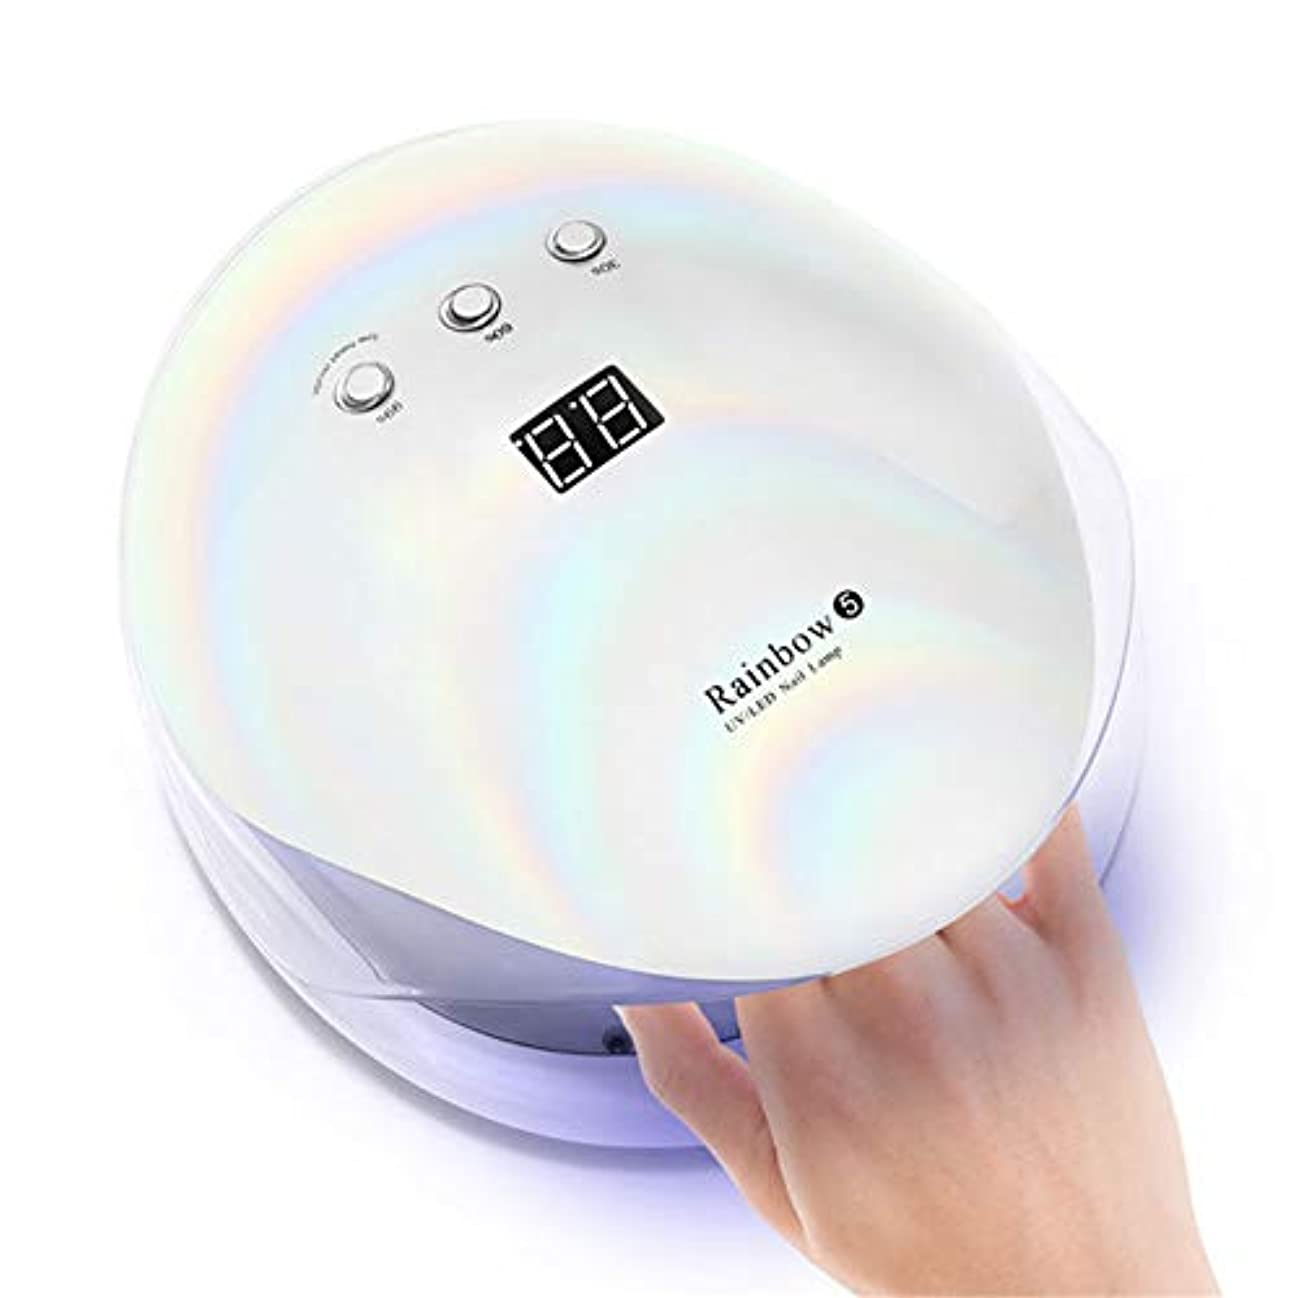 カラス慰め慣性36ワットUV LEDネイルランプジェルポリッシュネイルドライヤースマートセンサータイマープロフェッショナルLCDスクリーンマニキュアランプネイルアートツール